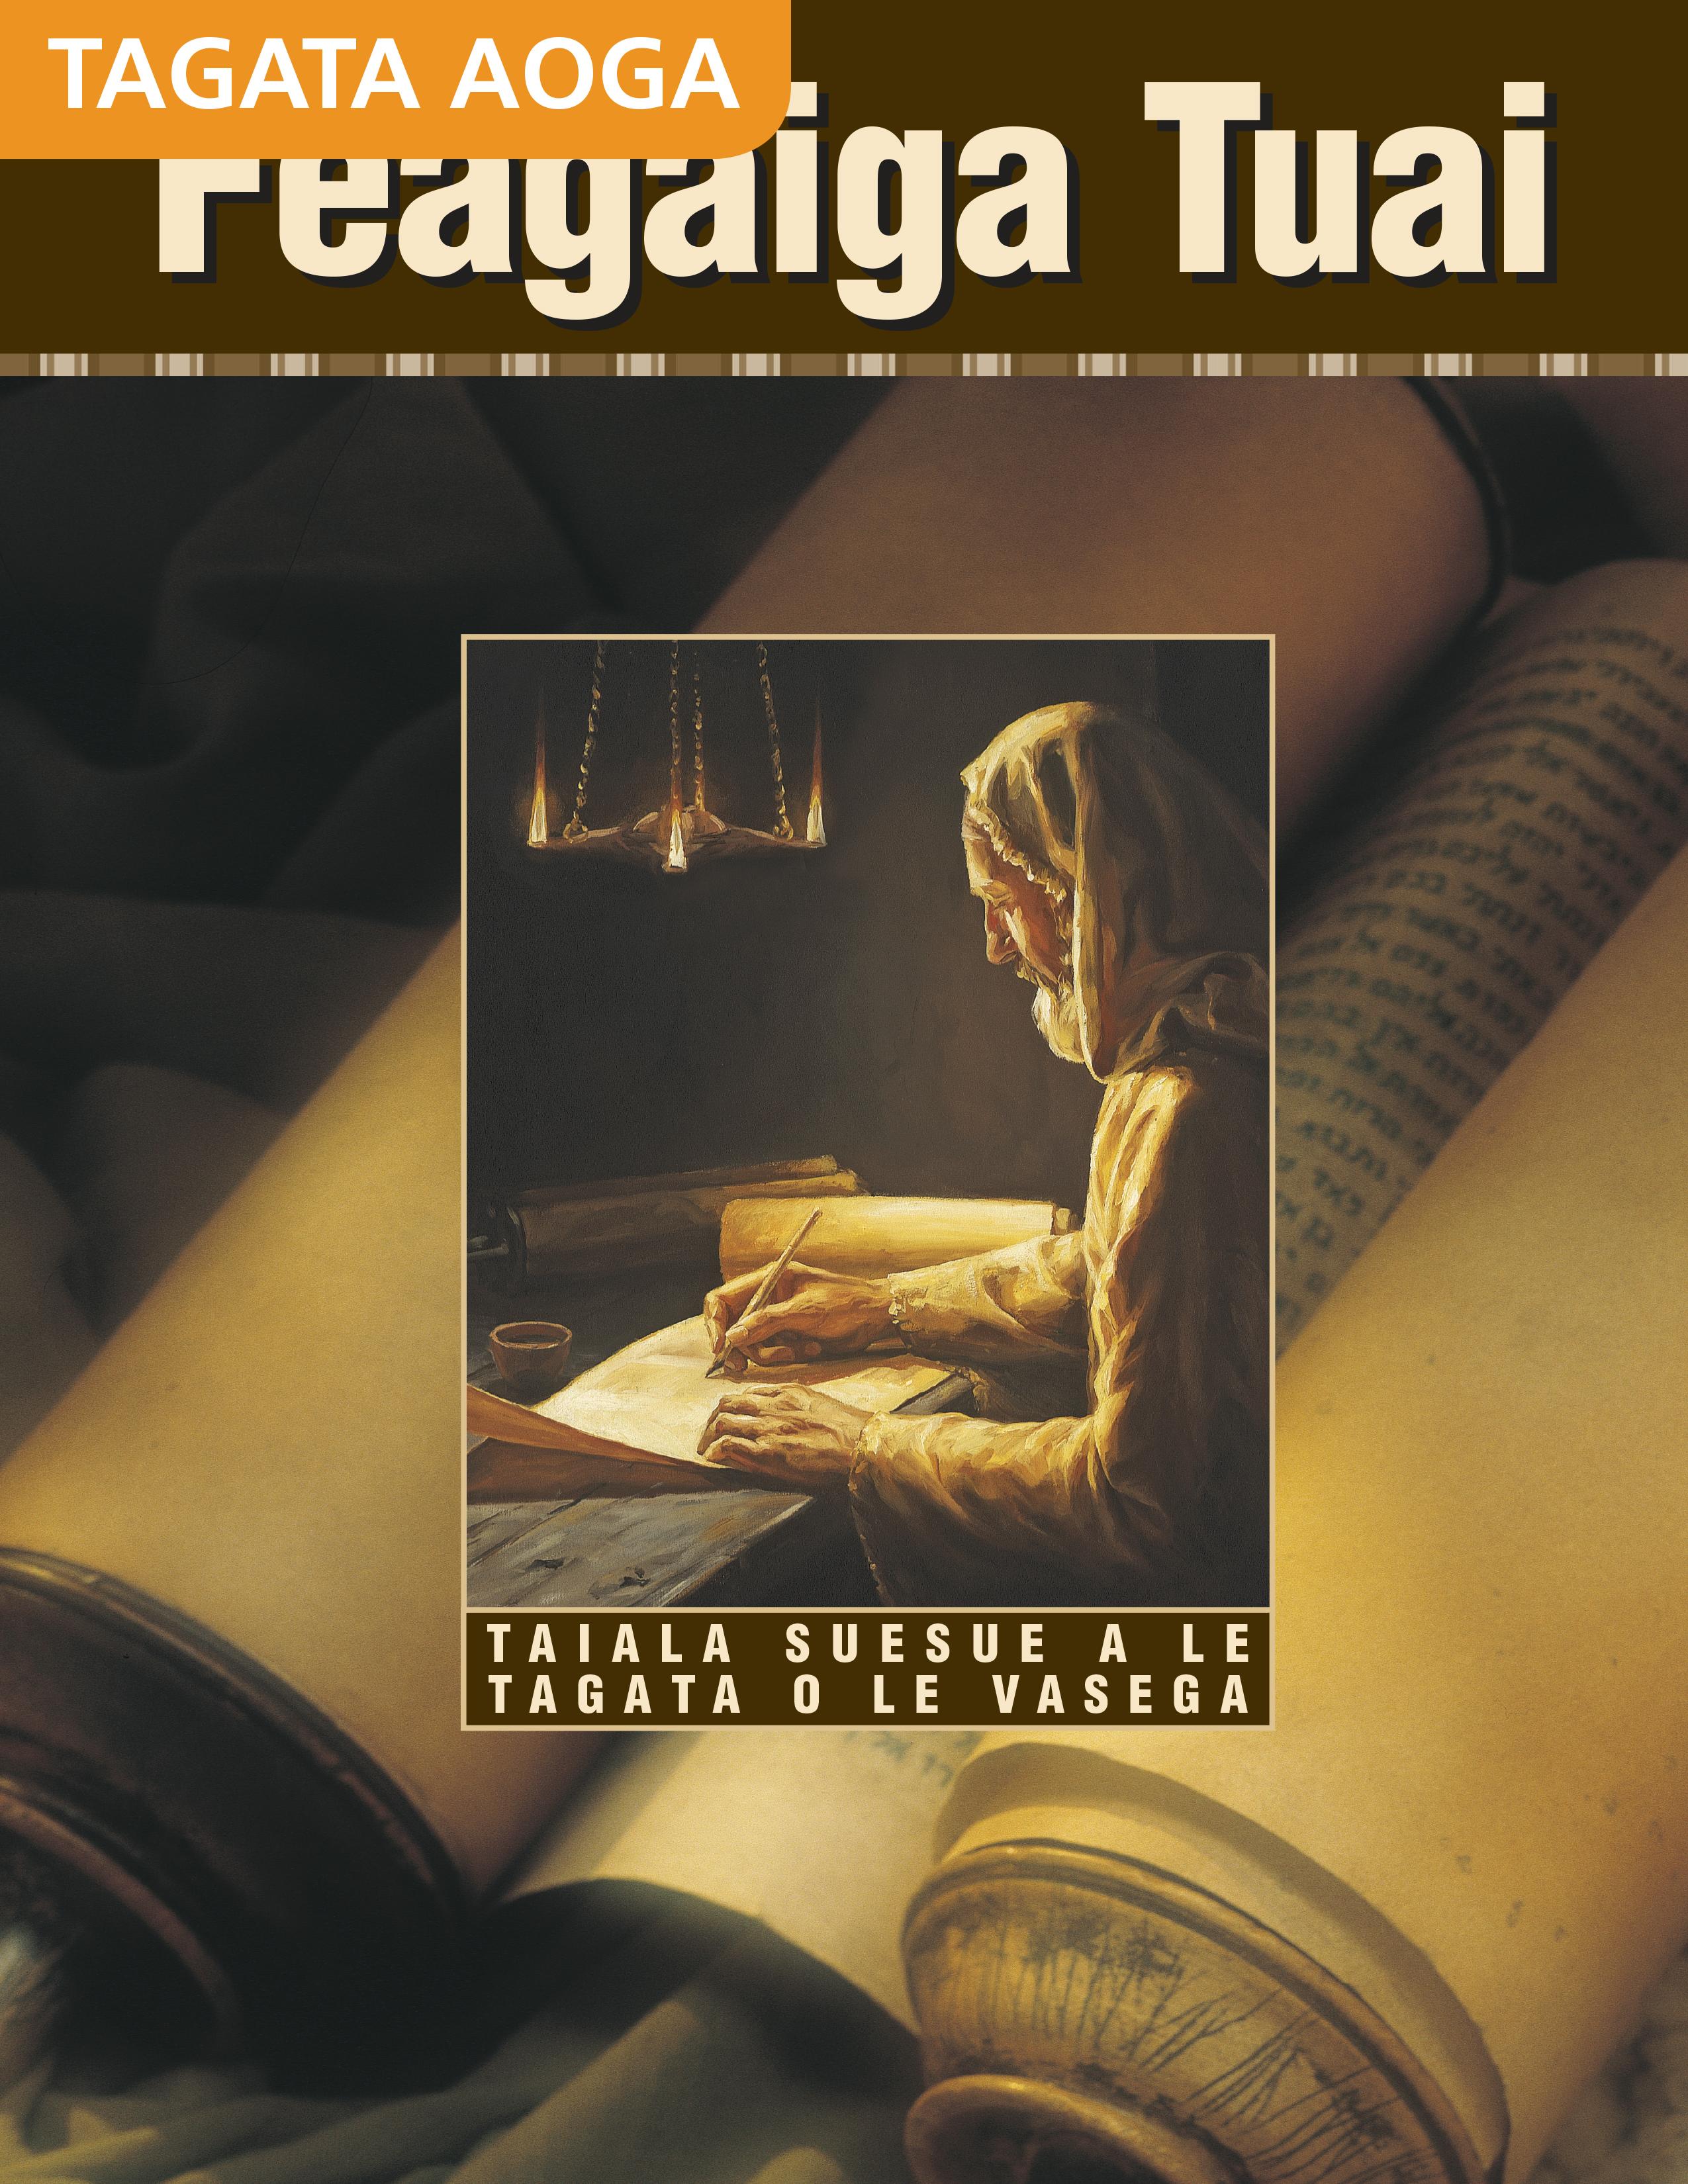 Taiala Suesue a le Tamaitiiti Seminare o le Feagaiga Tuai